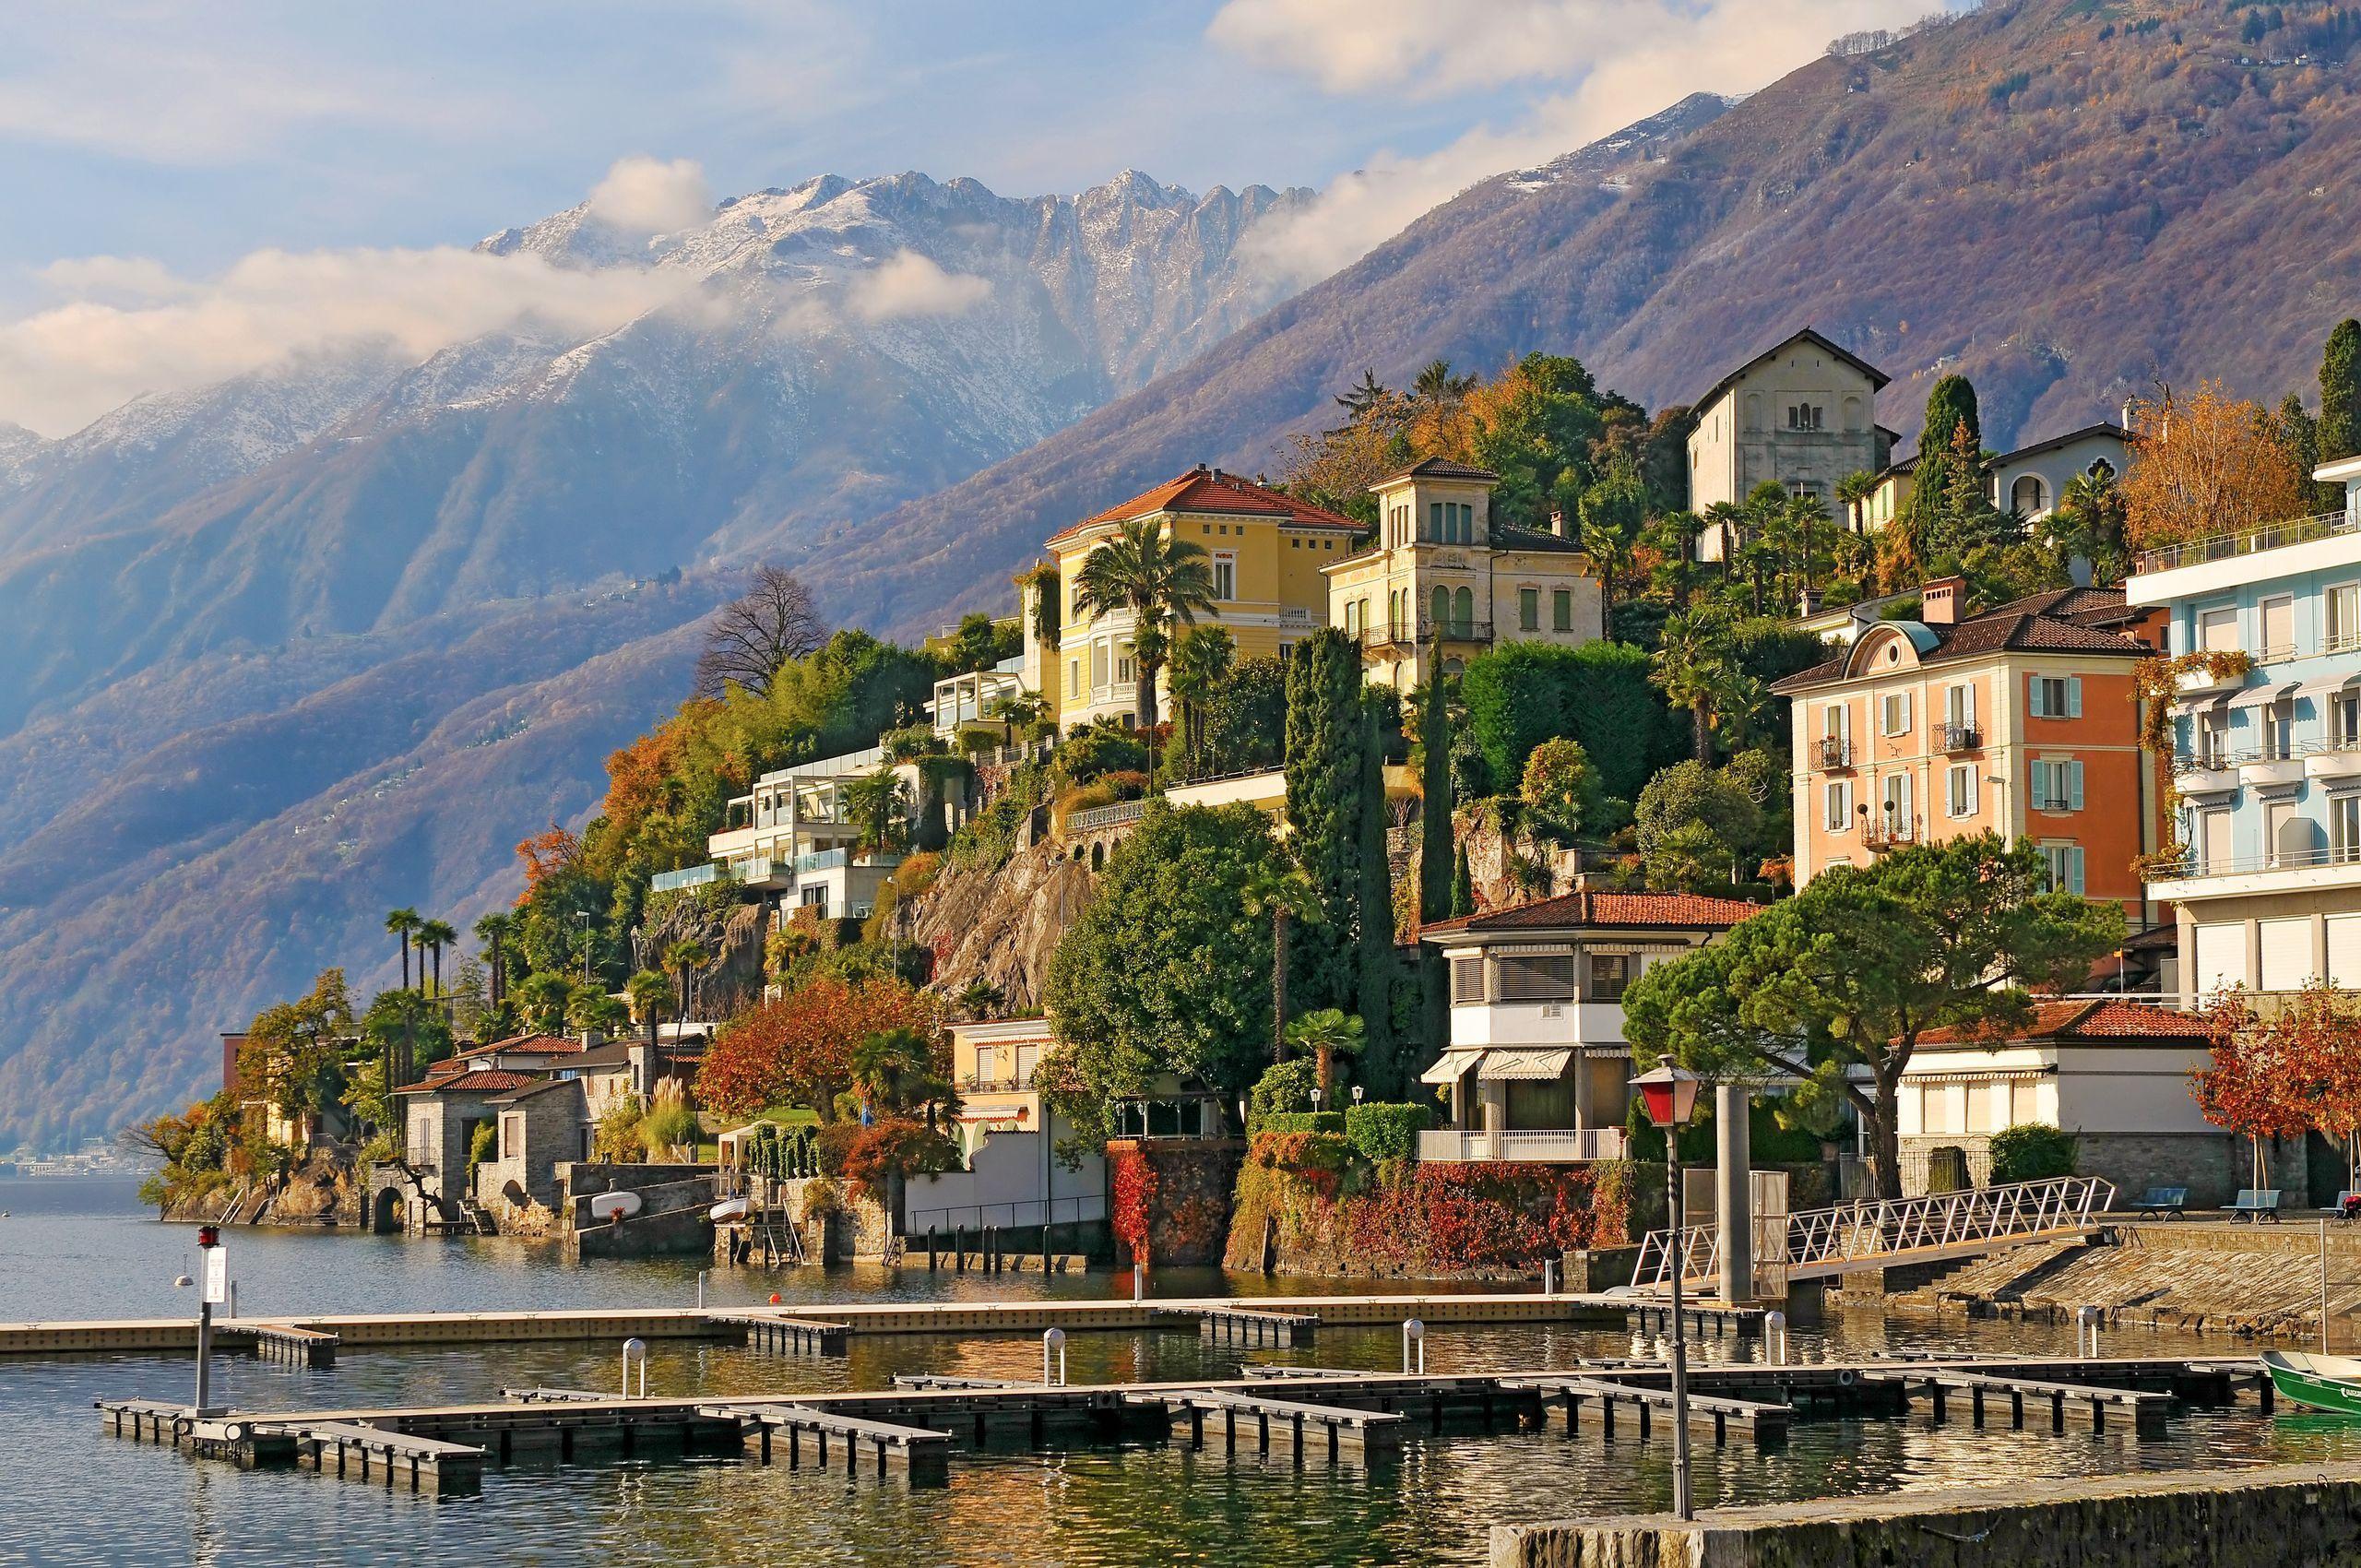 если правда швейцария городок мелиде фотографии города примеру